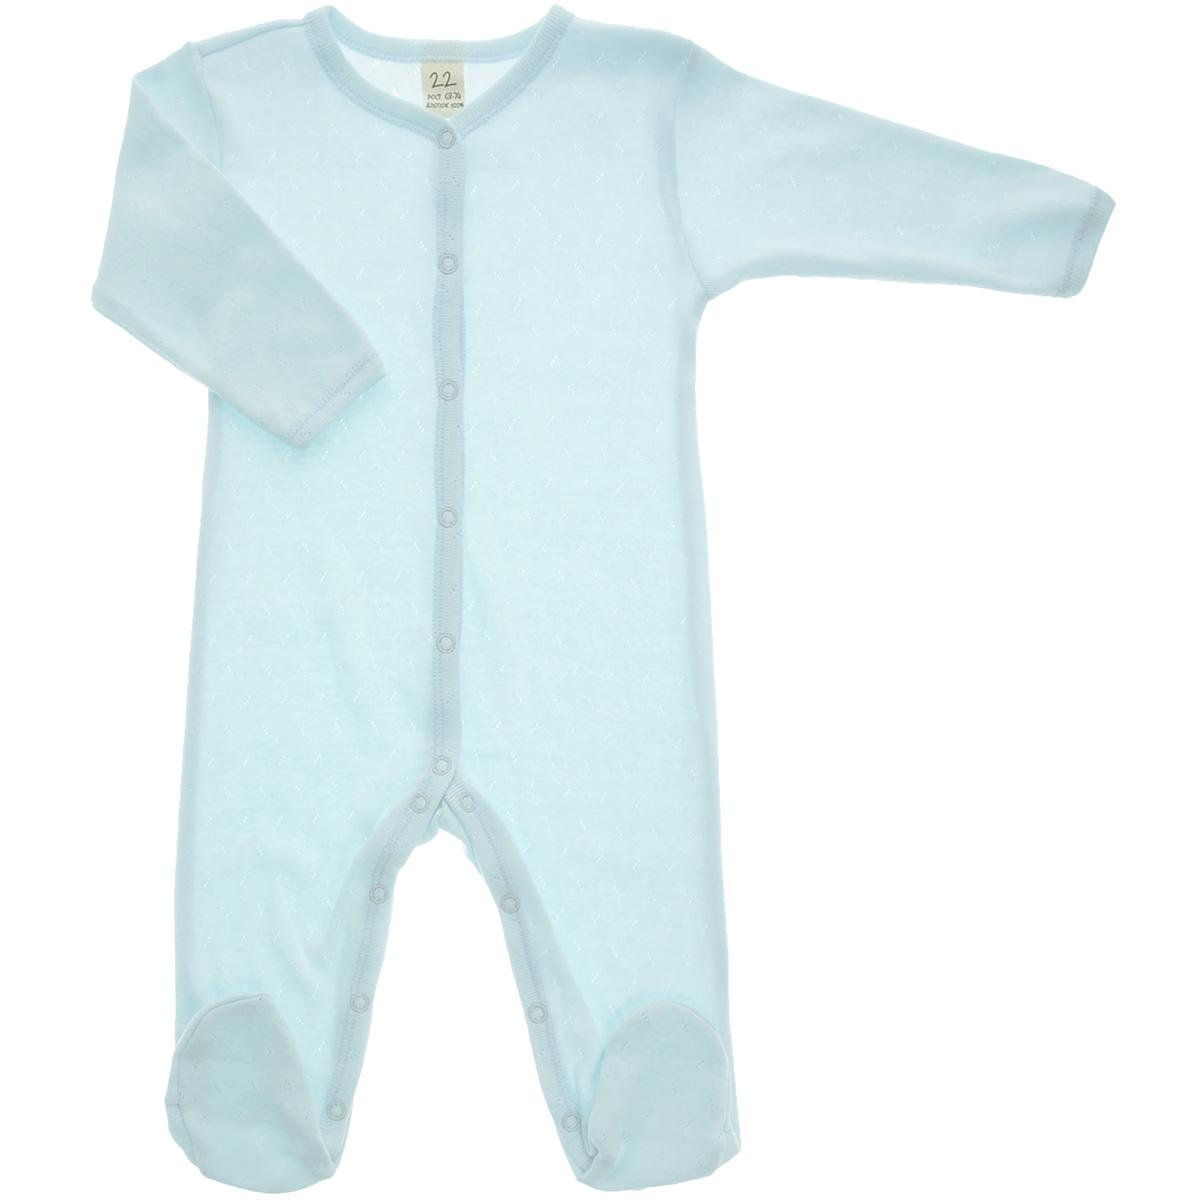 Комбинезон детский Lucky Child Ажур, цвет: голубой. 0-12. Размер 62/680-12Детский комбинезон Lucky Child - очень удобный и практичный вид одежды для малышей. Комбинезон выполнен из натурального хлопка, благодаря чему он необычайно мягкий и приятный на ощупь, не раздражают нежную кожу ребенка и хорошо вентилируются, а эластичные швы приятны телу малыша и не препятствуют его движениям. Комбинезон с длинными рукавами и закрытыми ножками имеет застежки-кнопки от горловины до щиколоток, которые помогают легко переодеть младенца или сменить подгузник.Модель выполнена из ткани с ажурным узором. С детским комбинезоном Lucky Child спинка и ножки вашего малыша всегда будут в тепле, он идеален для использования днем и незаменим ночью. Комбинезон полностью соответствует особенностям жизни младенца в ранний период, не стесняя и не ограничивая его в движениях!